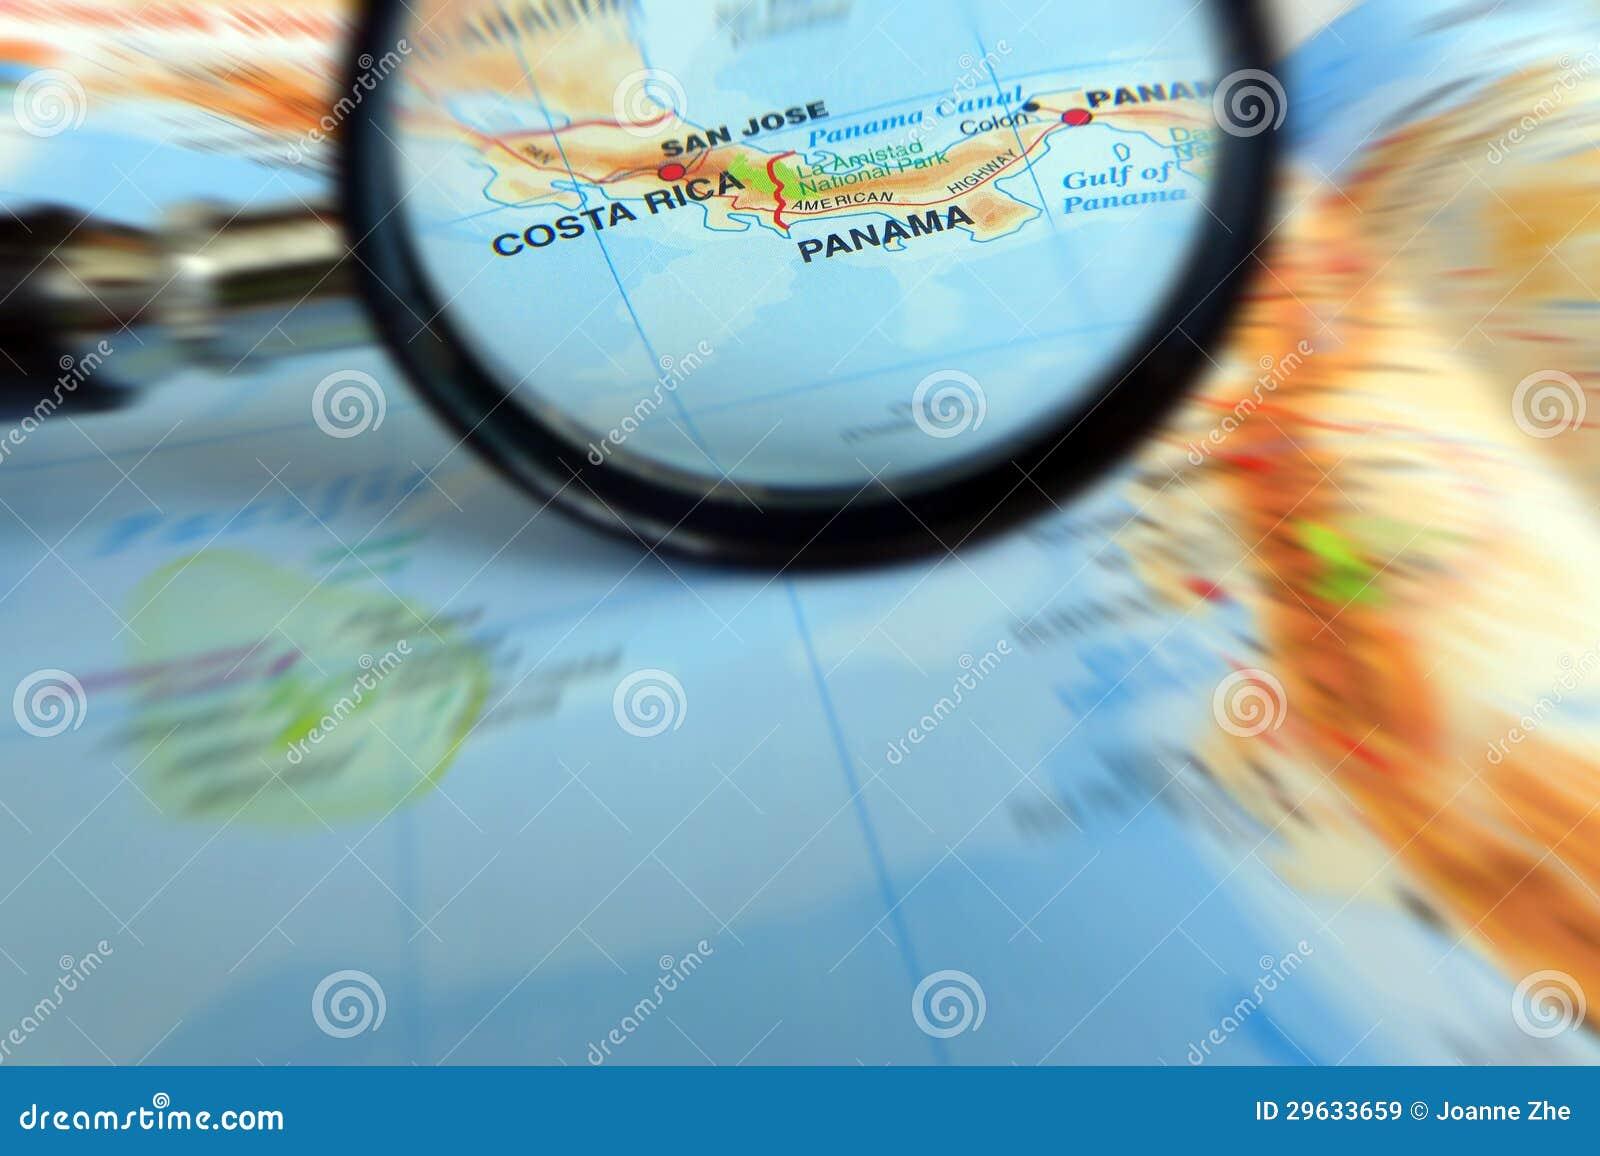 Foco en el concepto de Costa Rica y de Panamá